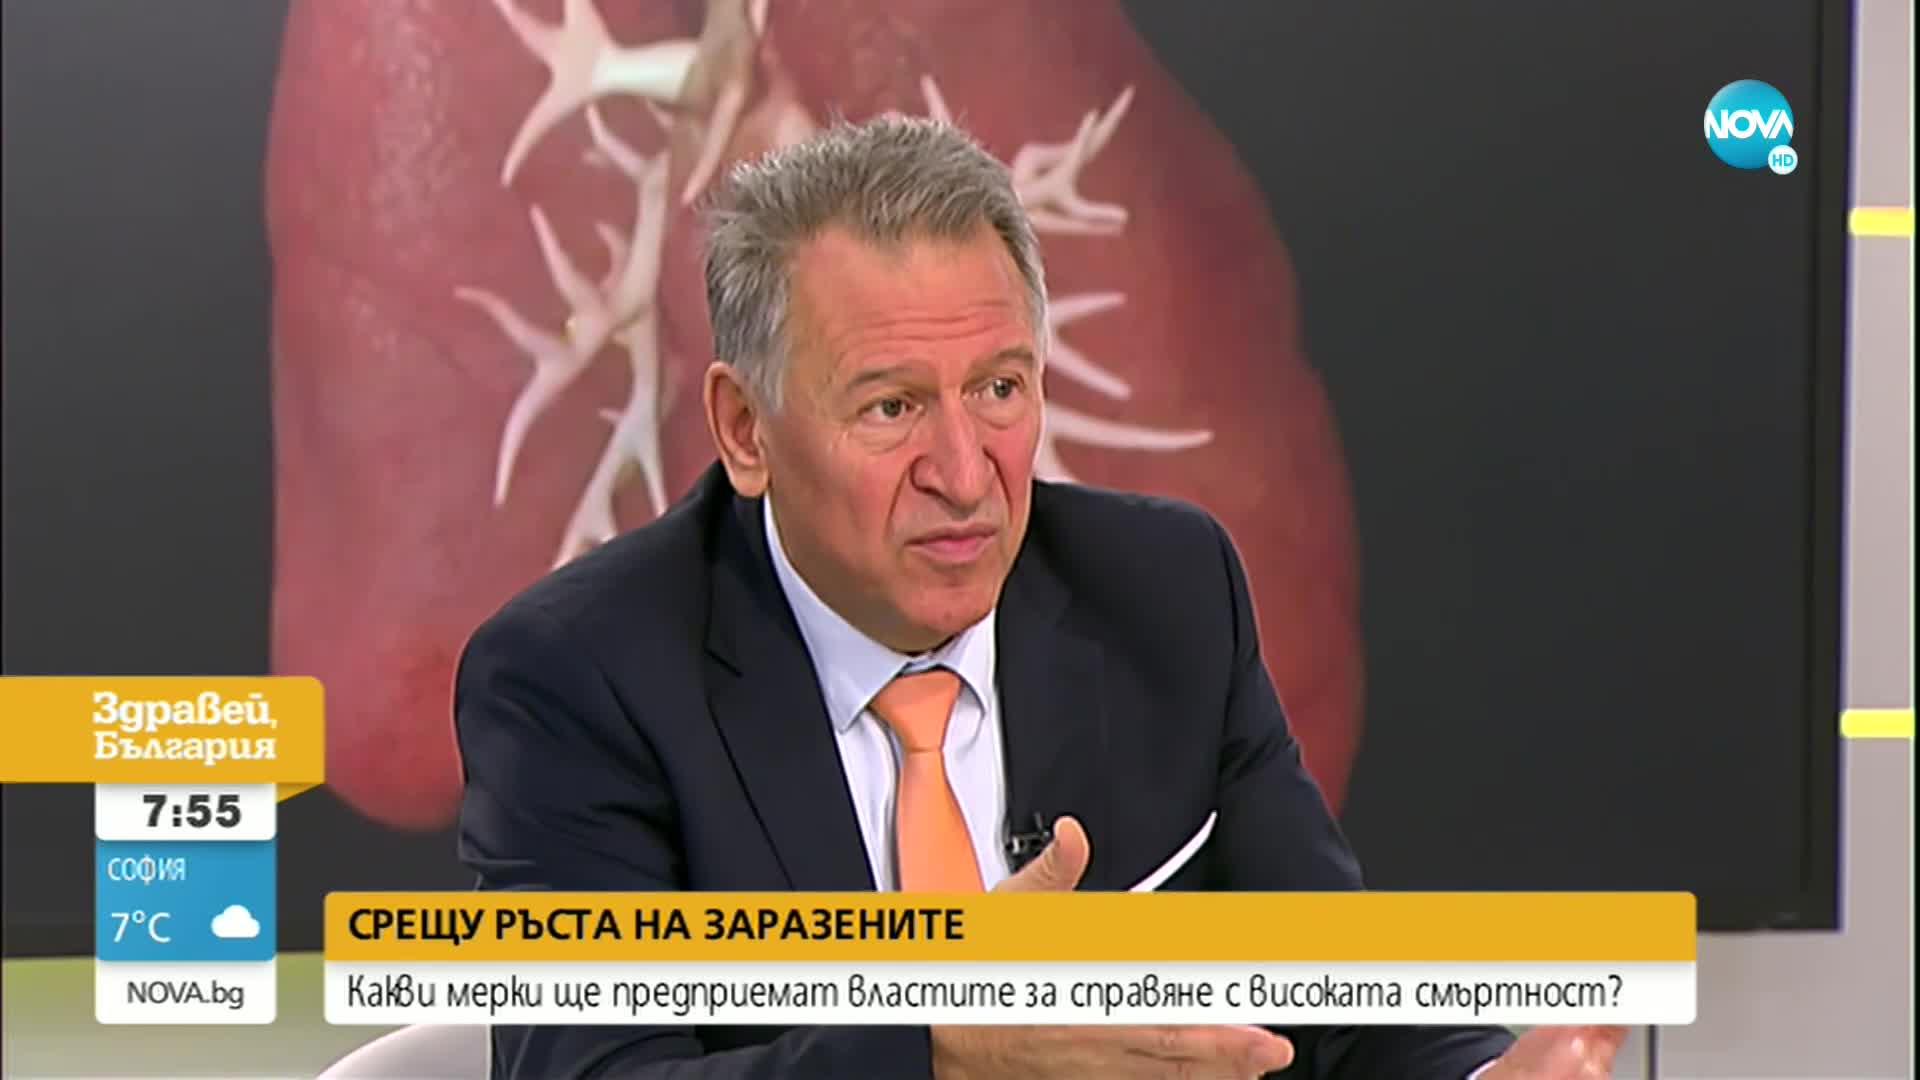 Кацаров: Утре може да обявим допълнителни мерки срещу инфекцията